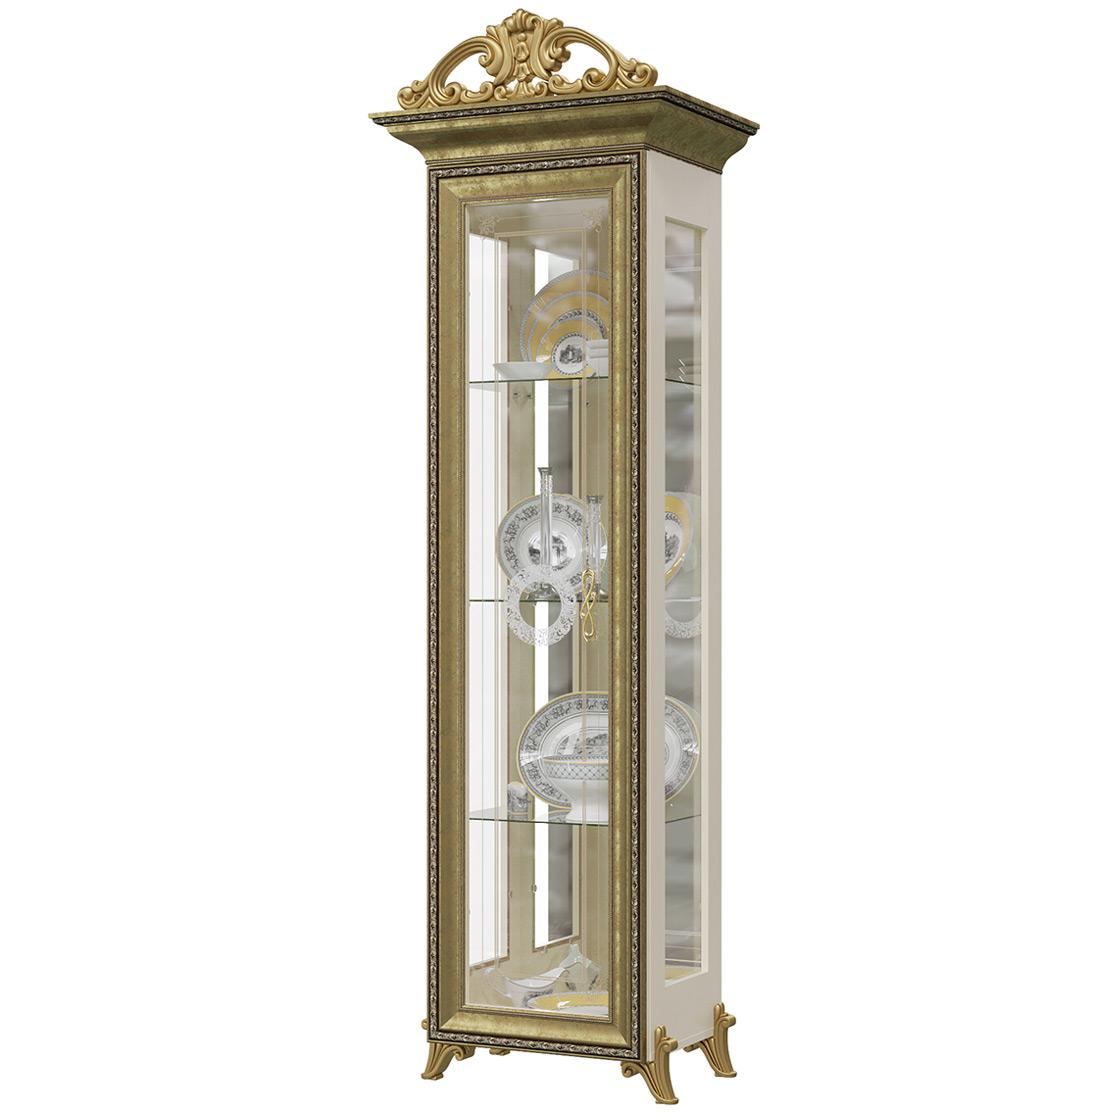 Платяной шкаф Мэри-Мебель Версаль ГВ-01К 1073094 66х48х216, слоновая кость фото